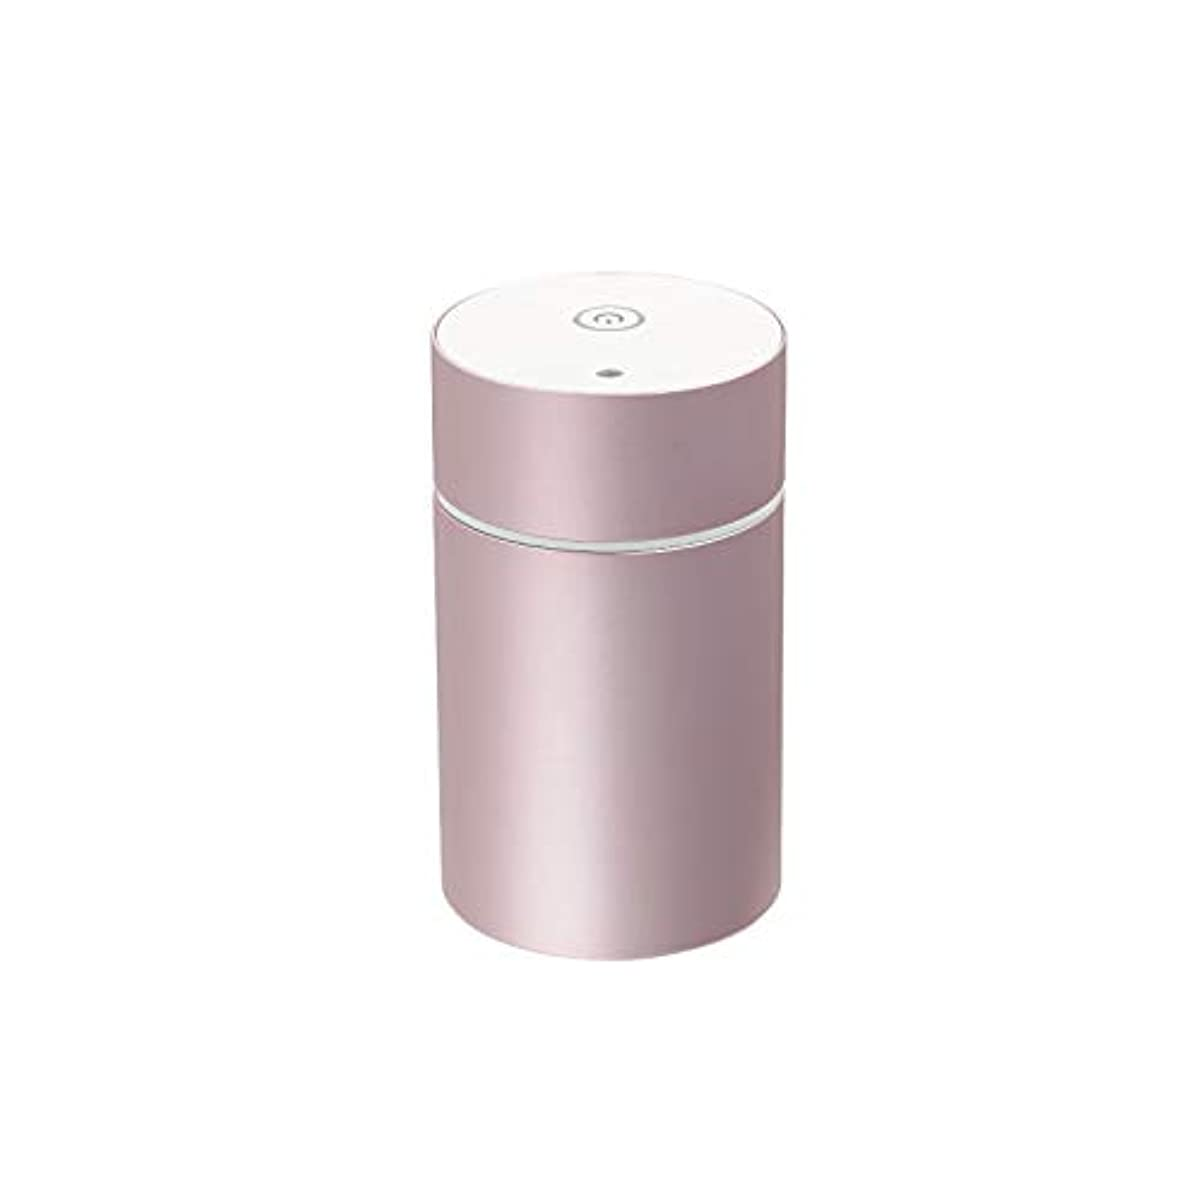 壊れたブラウズ告白する生活の木 アロマディフューザー(ピンク)aromore mini(アロモアミニ) 08-801-7020